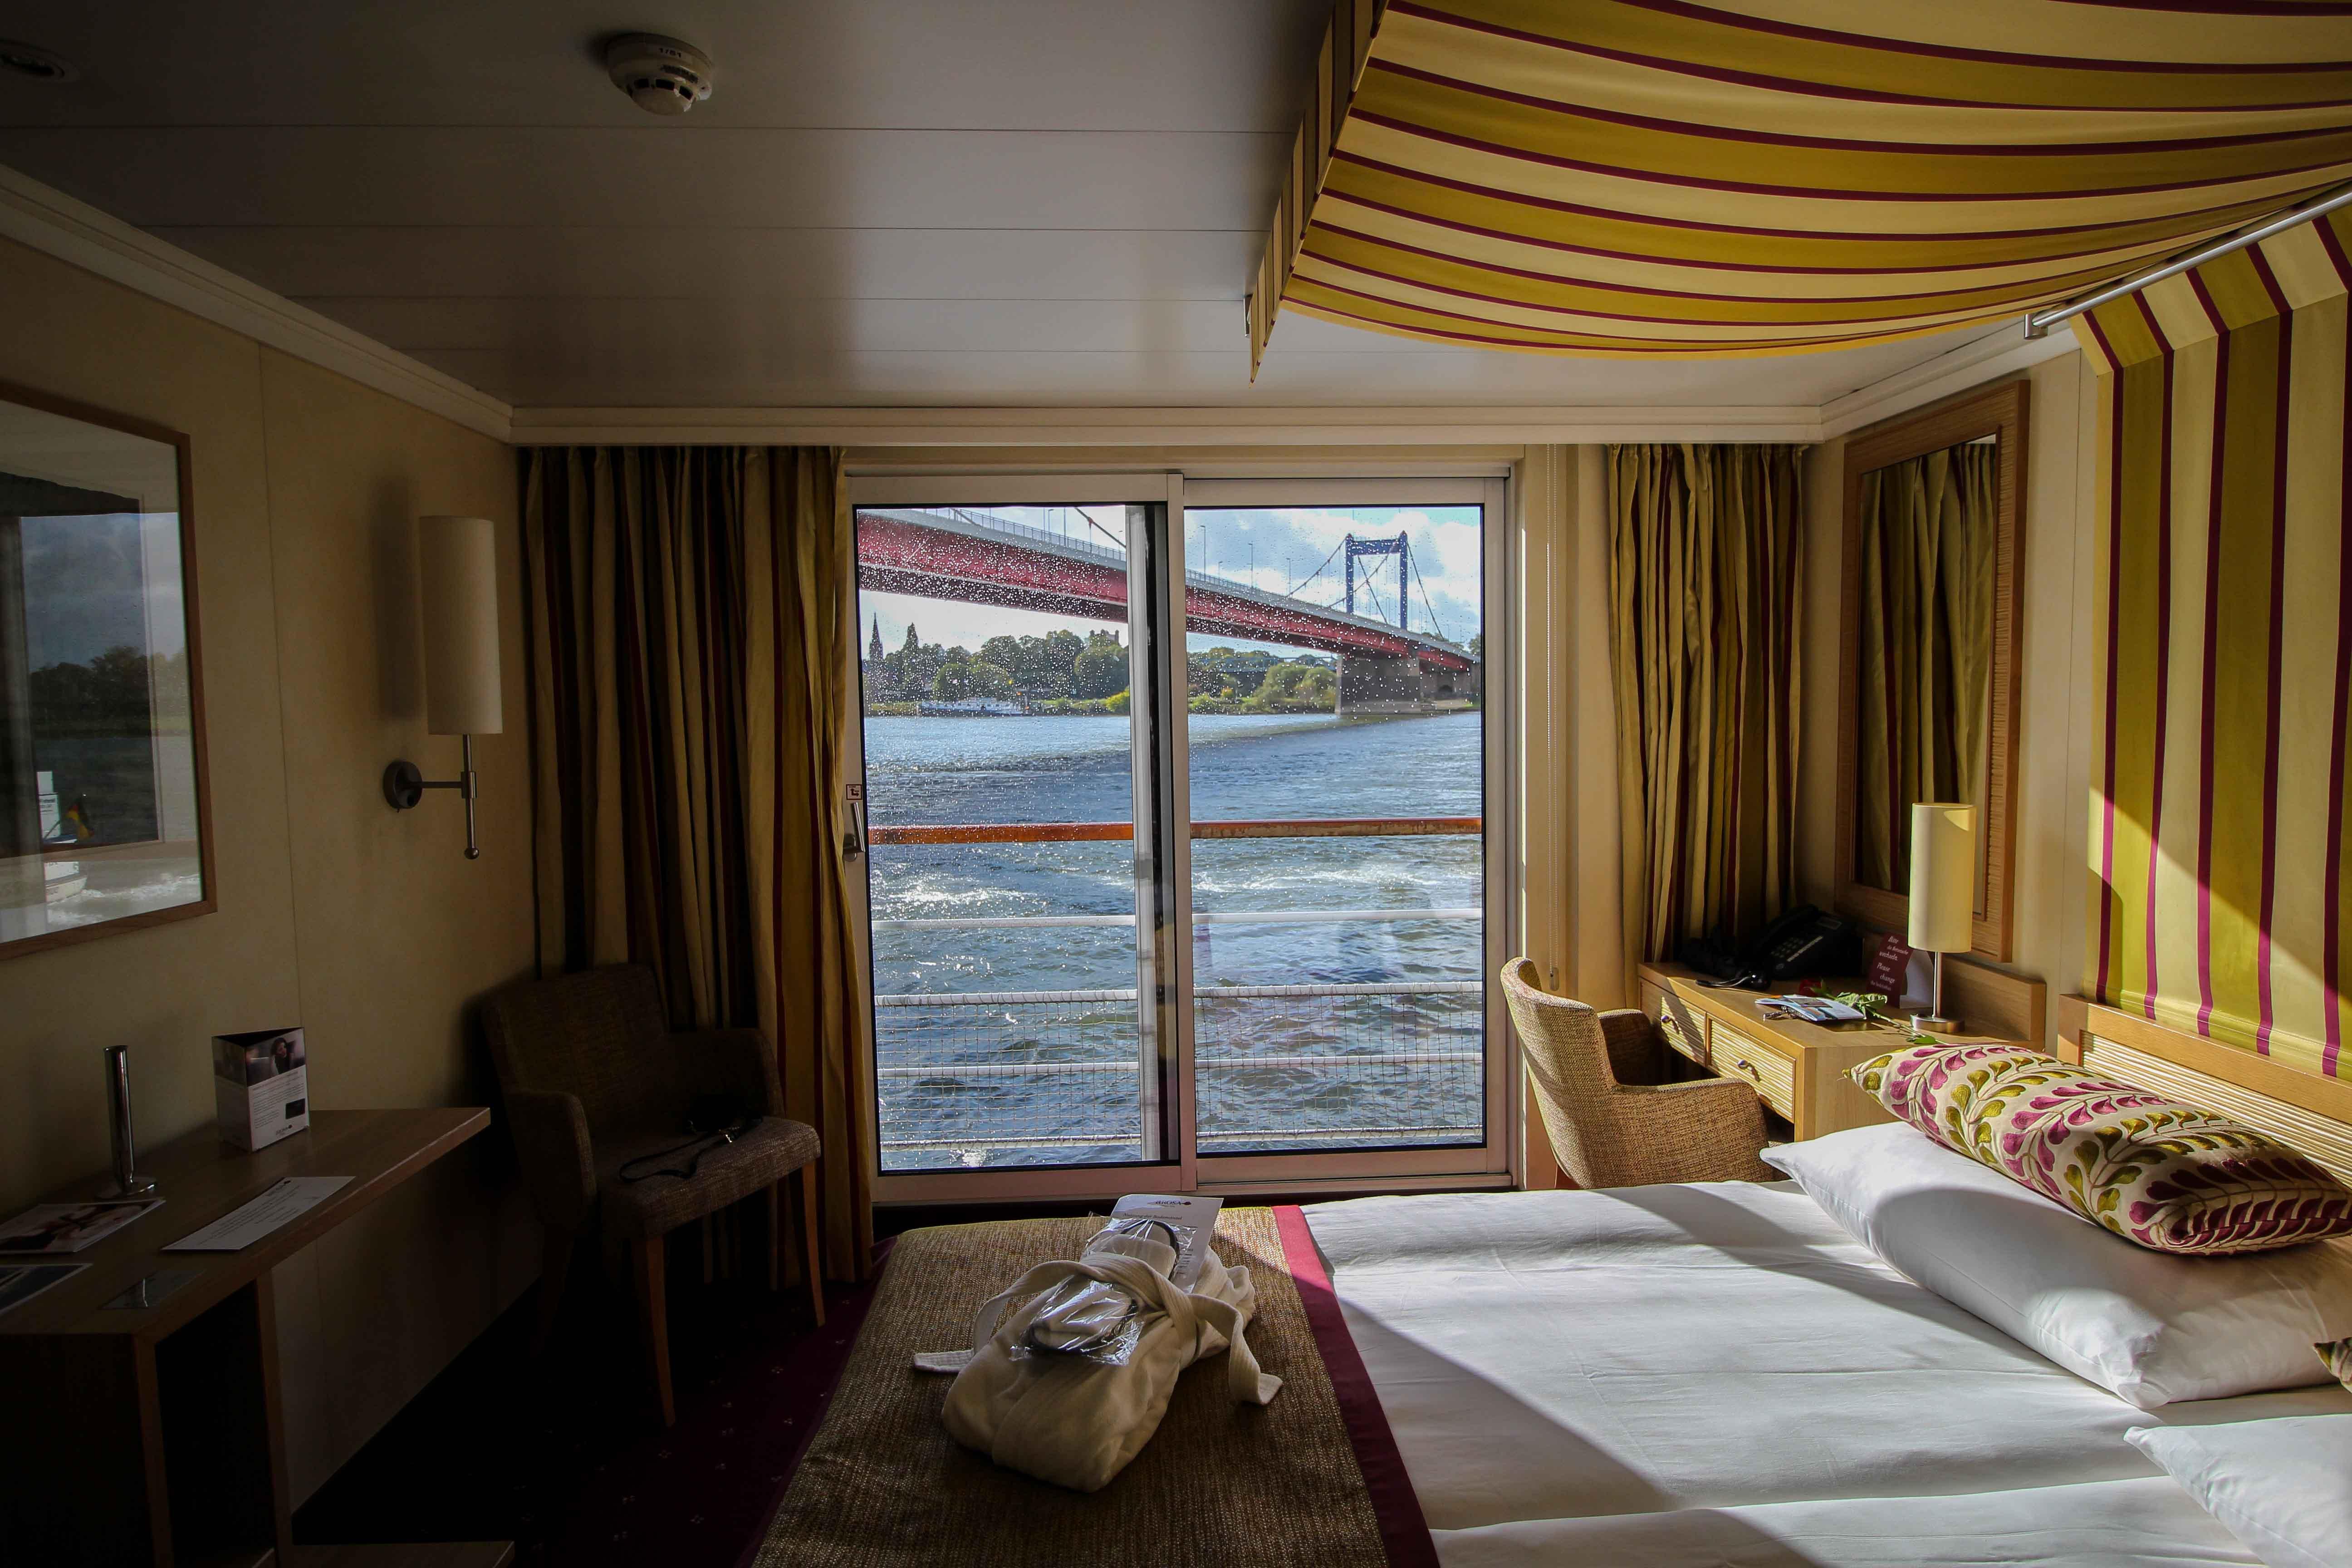 Außenkabine mit französischem Balkon Flusskreuzfahrt A-ROSA SILVA Kreuzfahrtschiff Flusskreuzfahrt Reiseblog